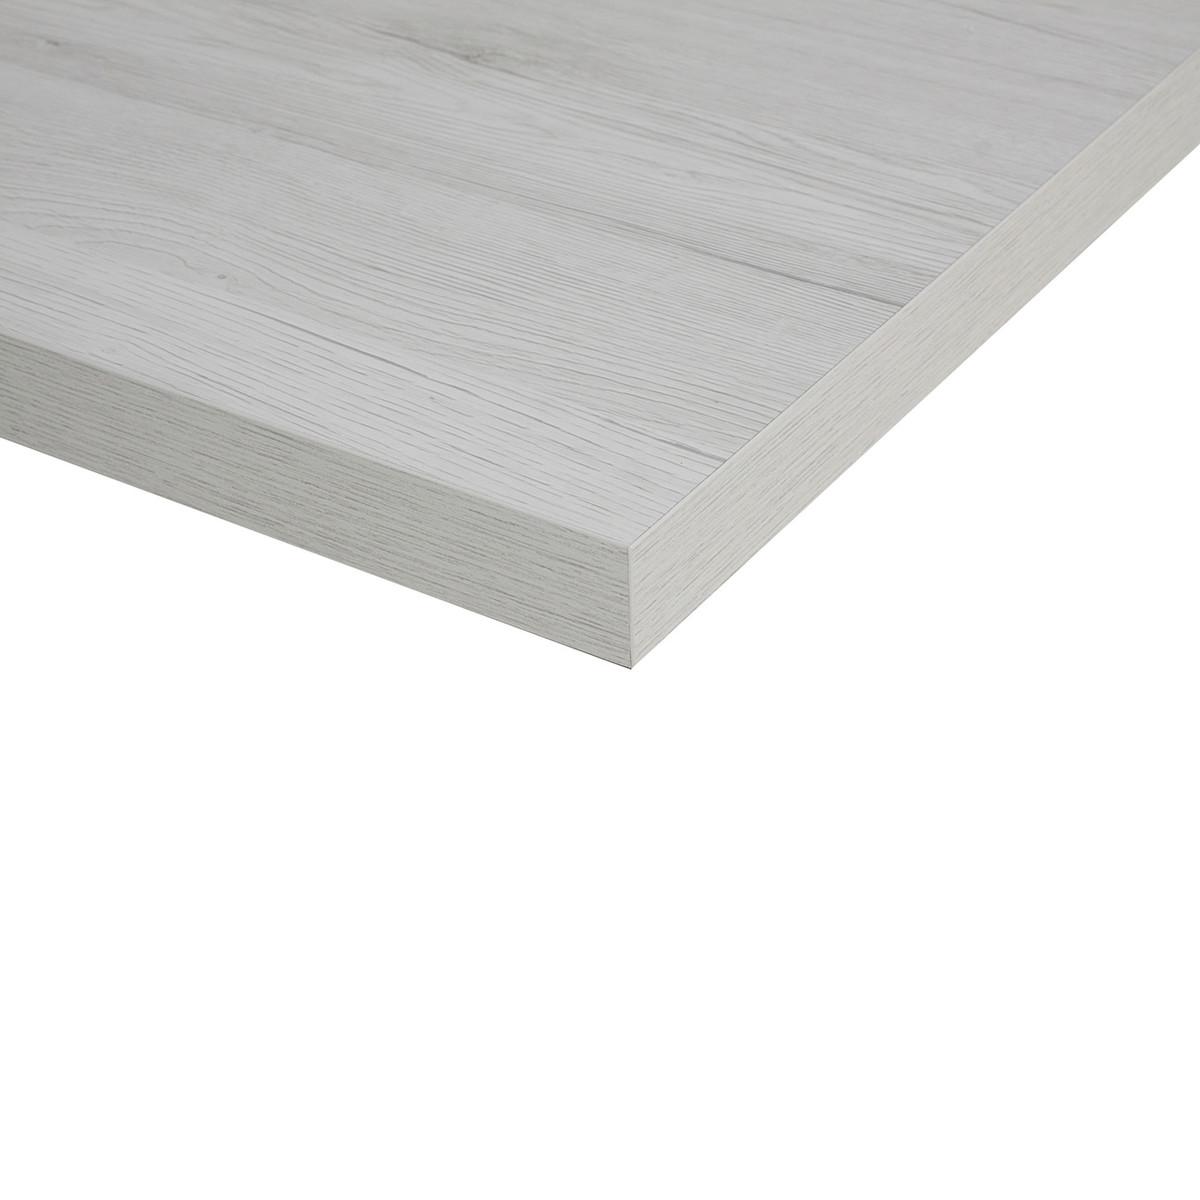 Piano cucina su misura laminato bianco rovere 6 cm prezzi for Laminato leroy merlin